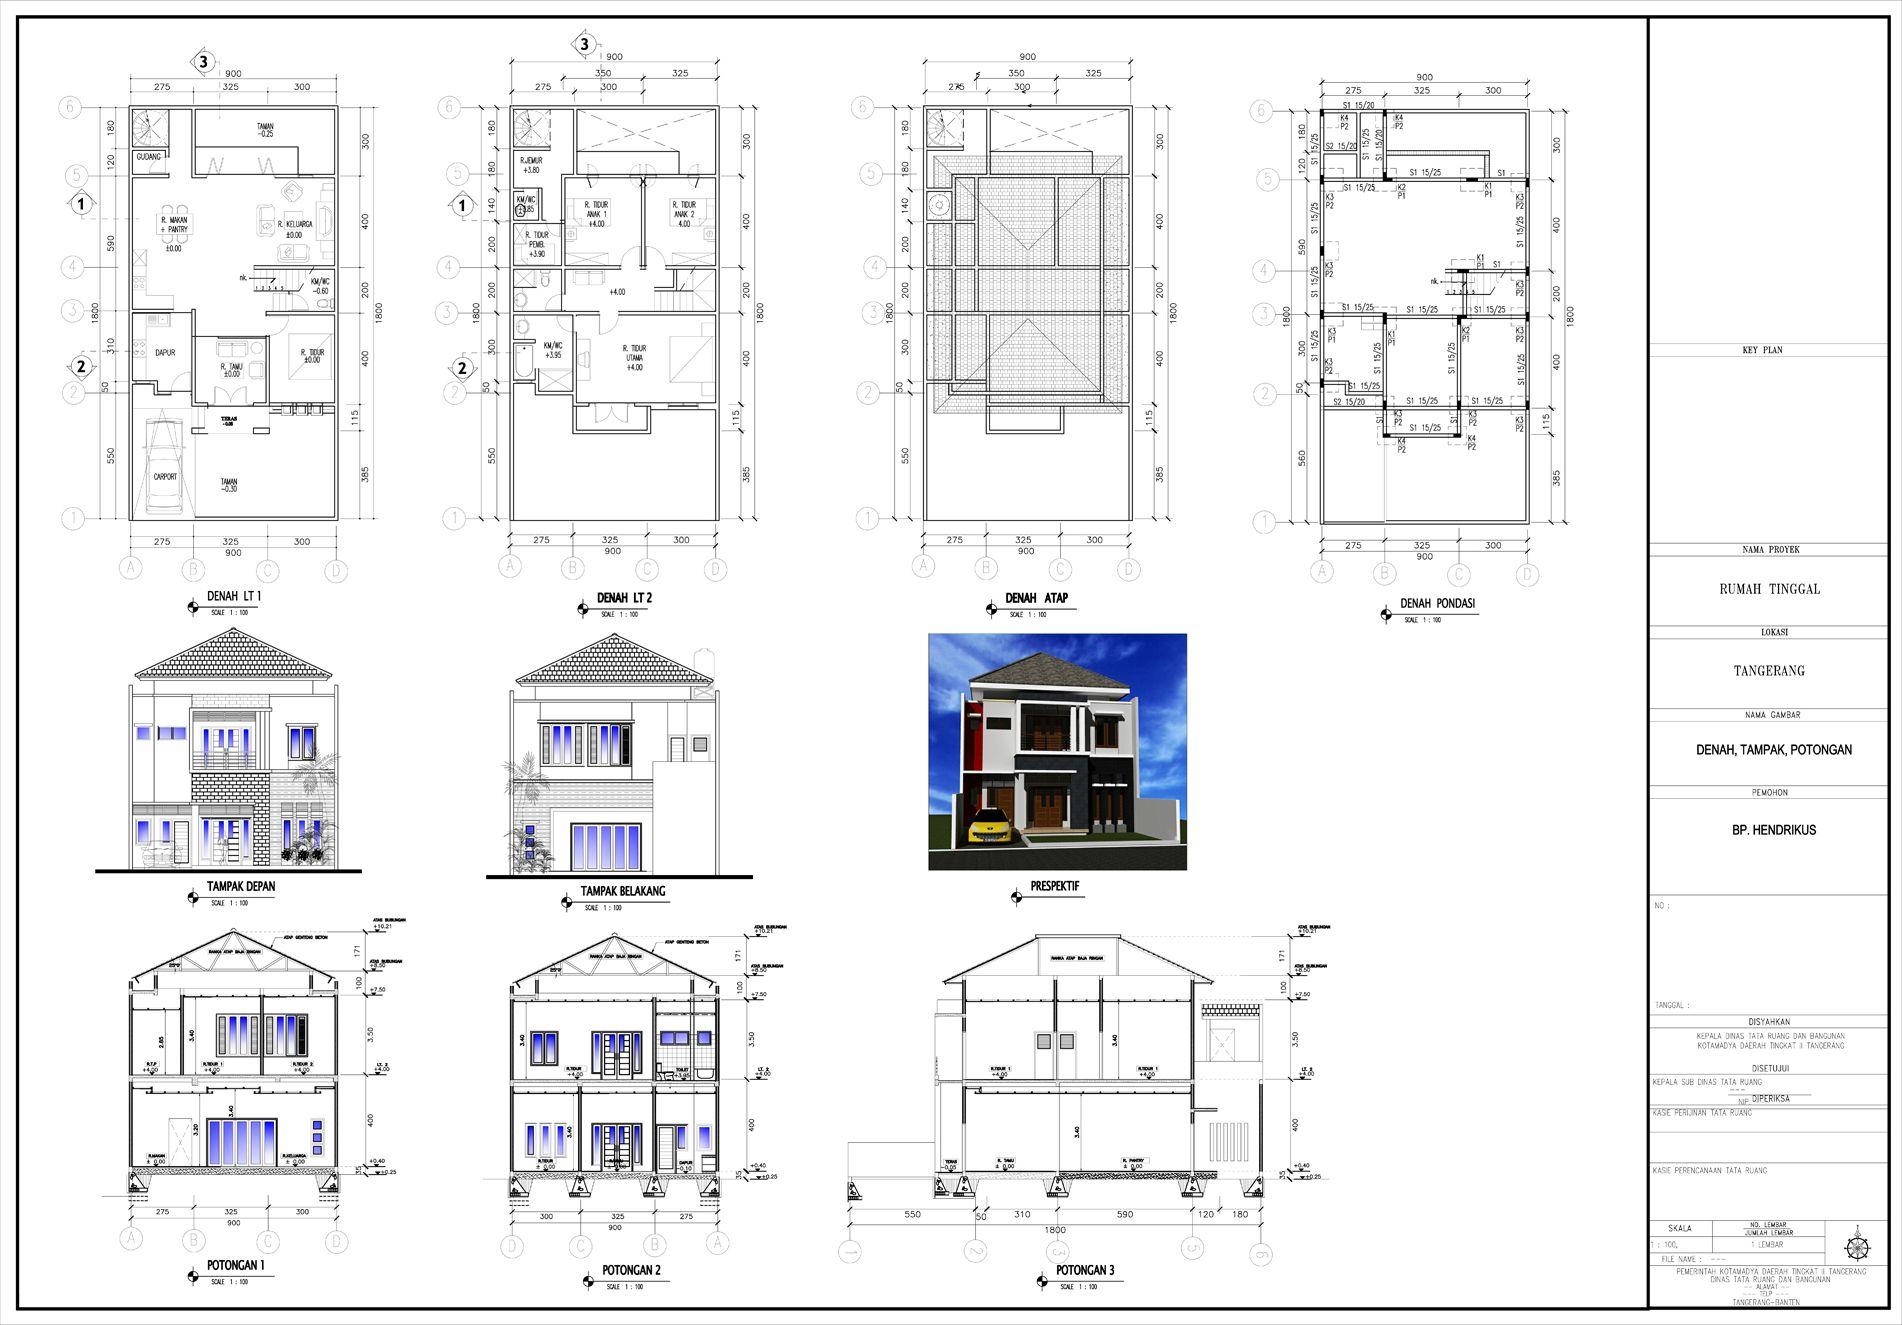 Denah Potongan Tampak Orthographic Drawing Arsitektur Rumah